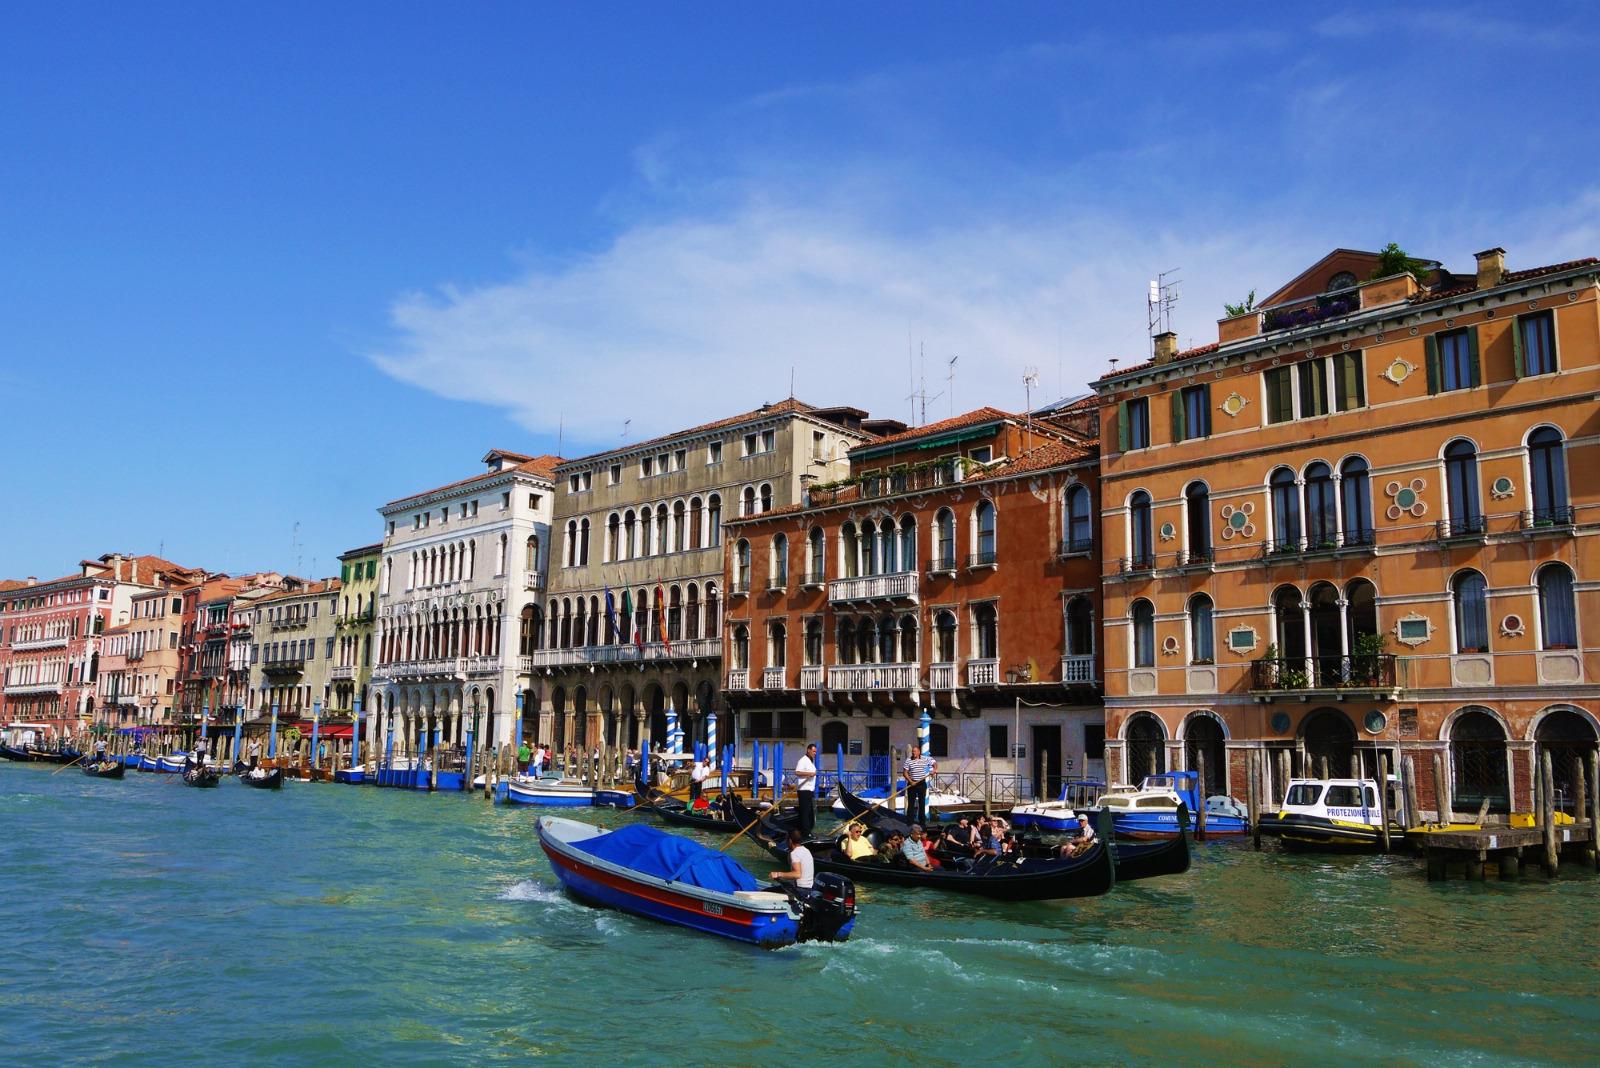 牵手漫游意大利 最浪漫的盛夏品味